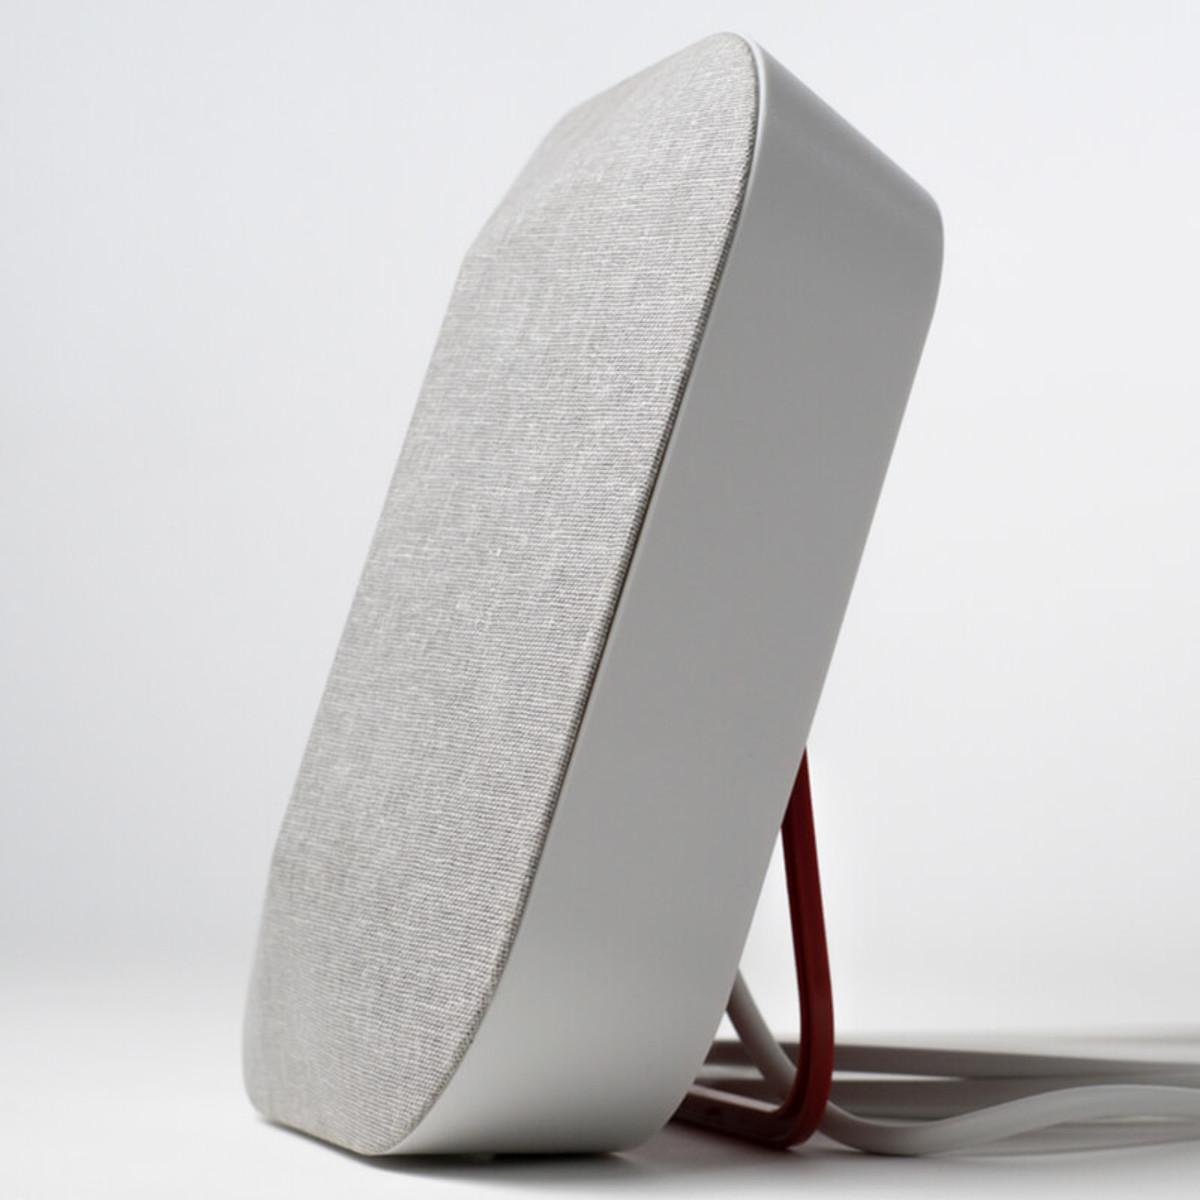 weBoost Home Complete Signal Booster Indoor Panel Antenna Desktop